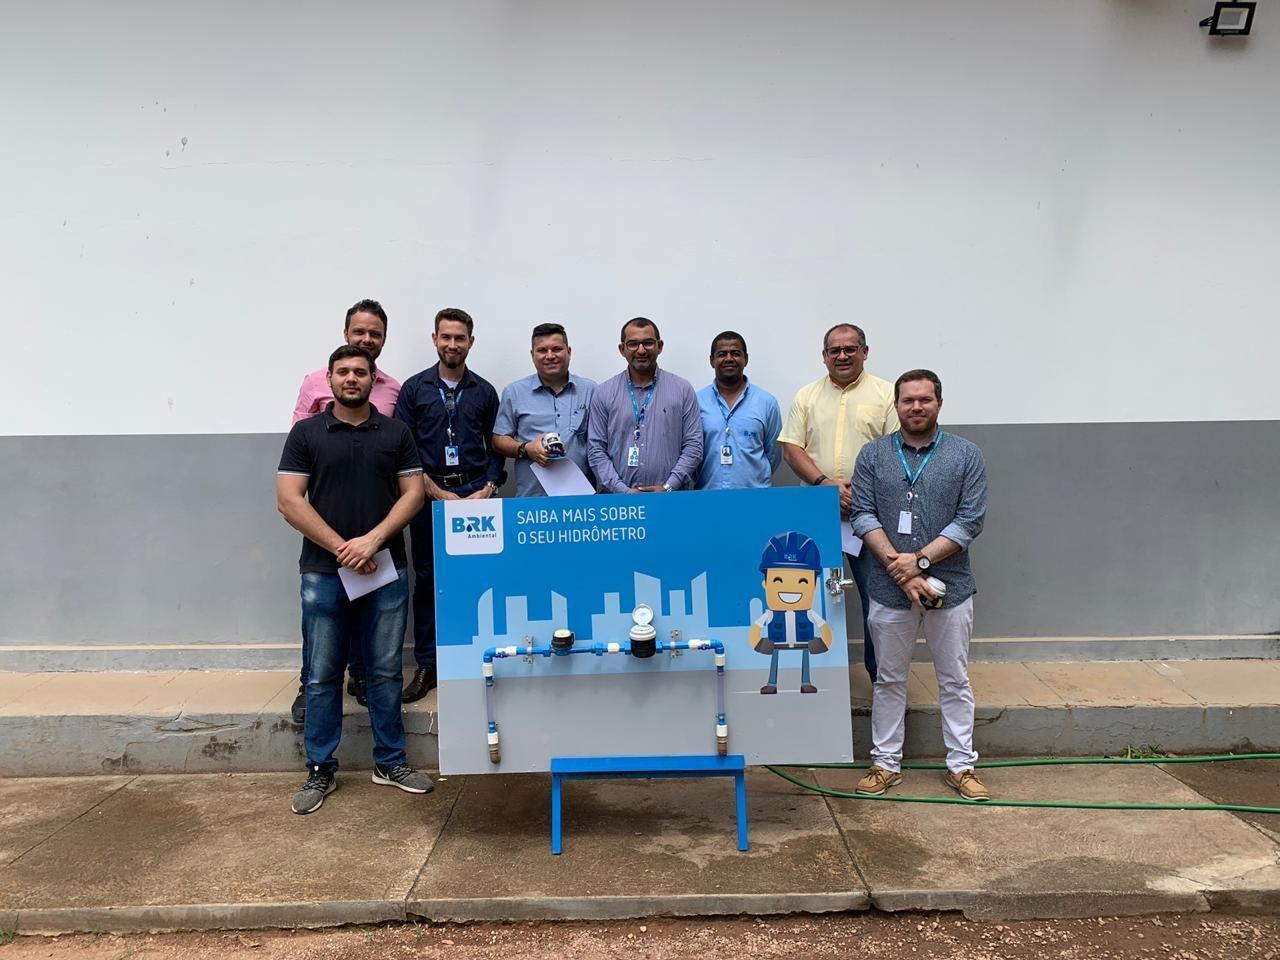 BRK Ambiental convida Procon e Defensoria Pública para conhecer os hidrômetros de Gurupi